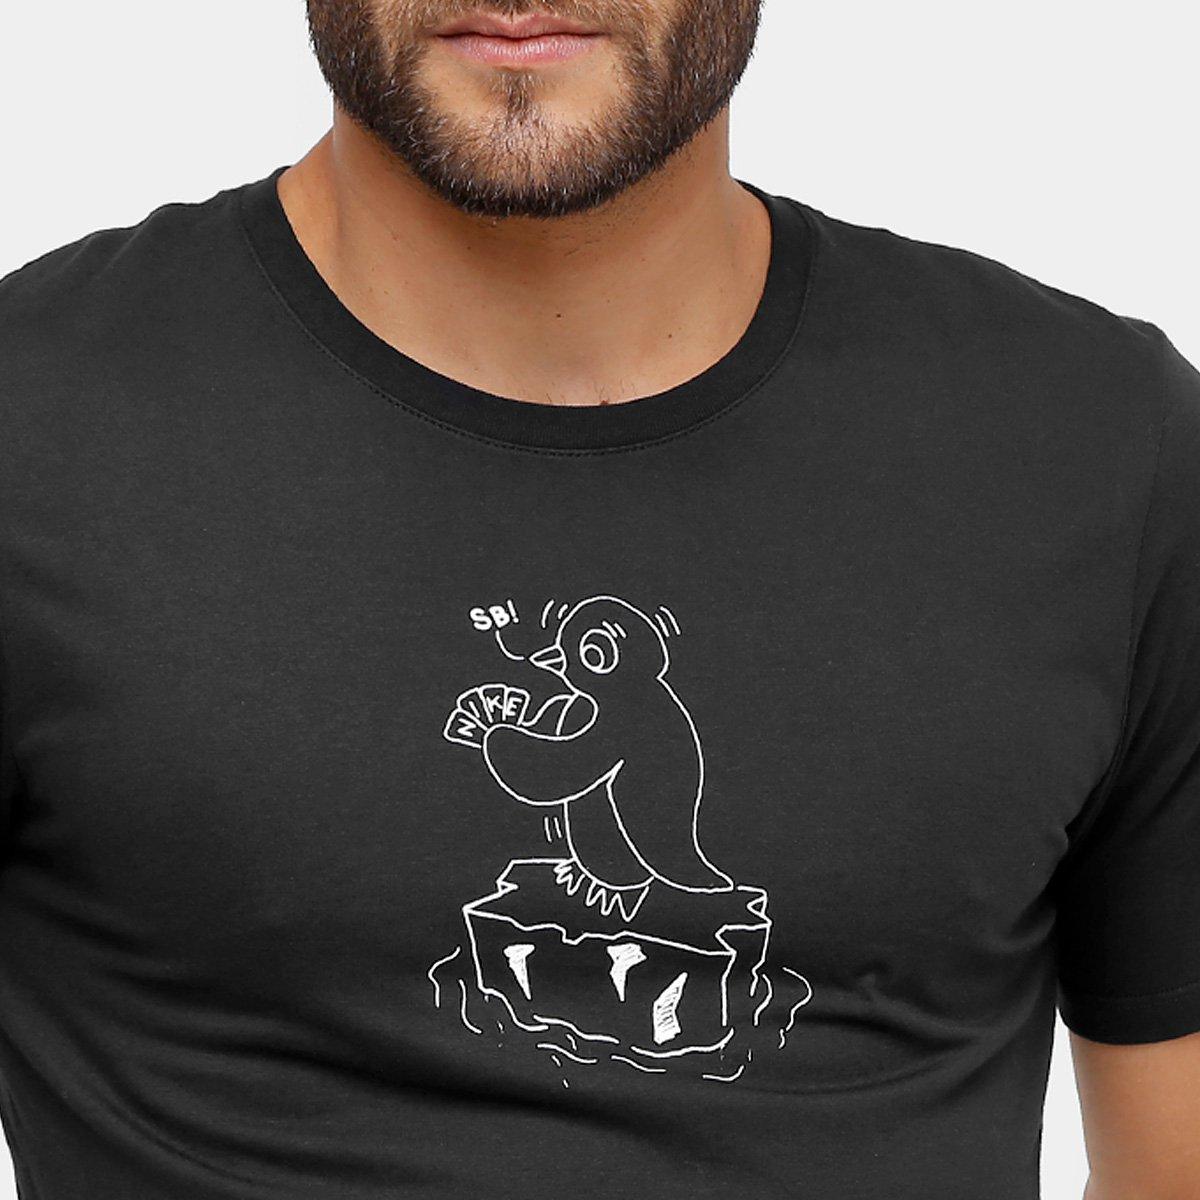 22b0db6e670ea Camiseta Nike SB Penguin Masculina - Compre Agora